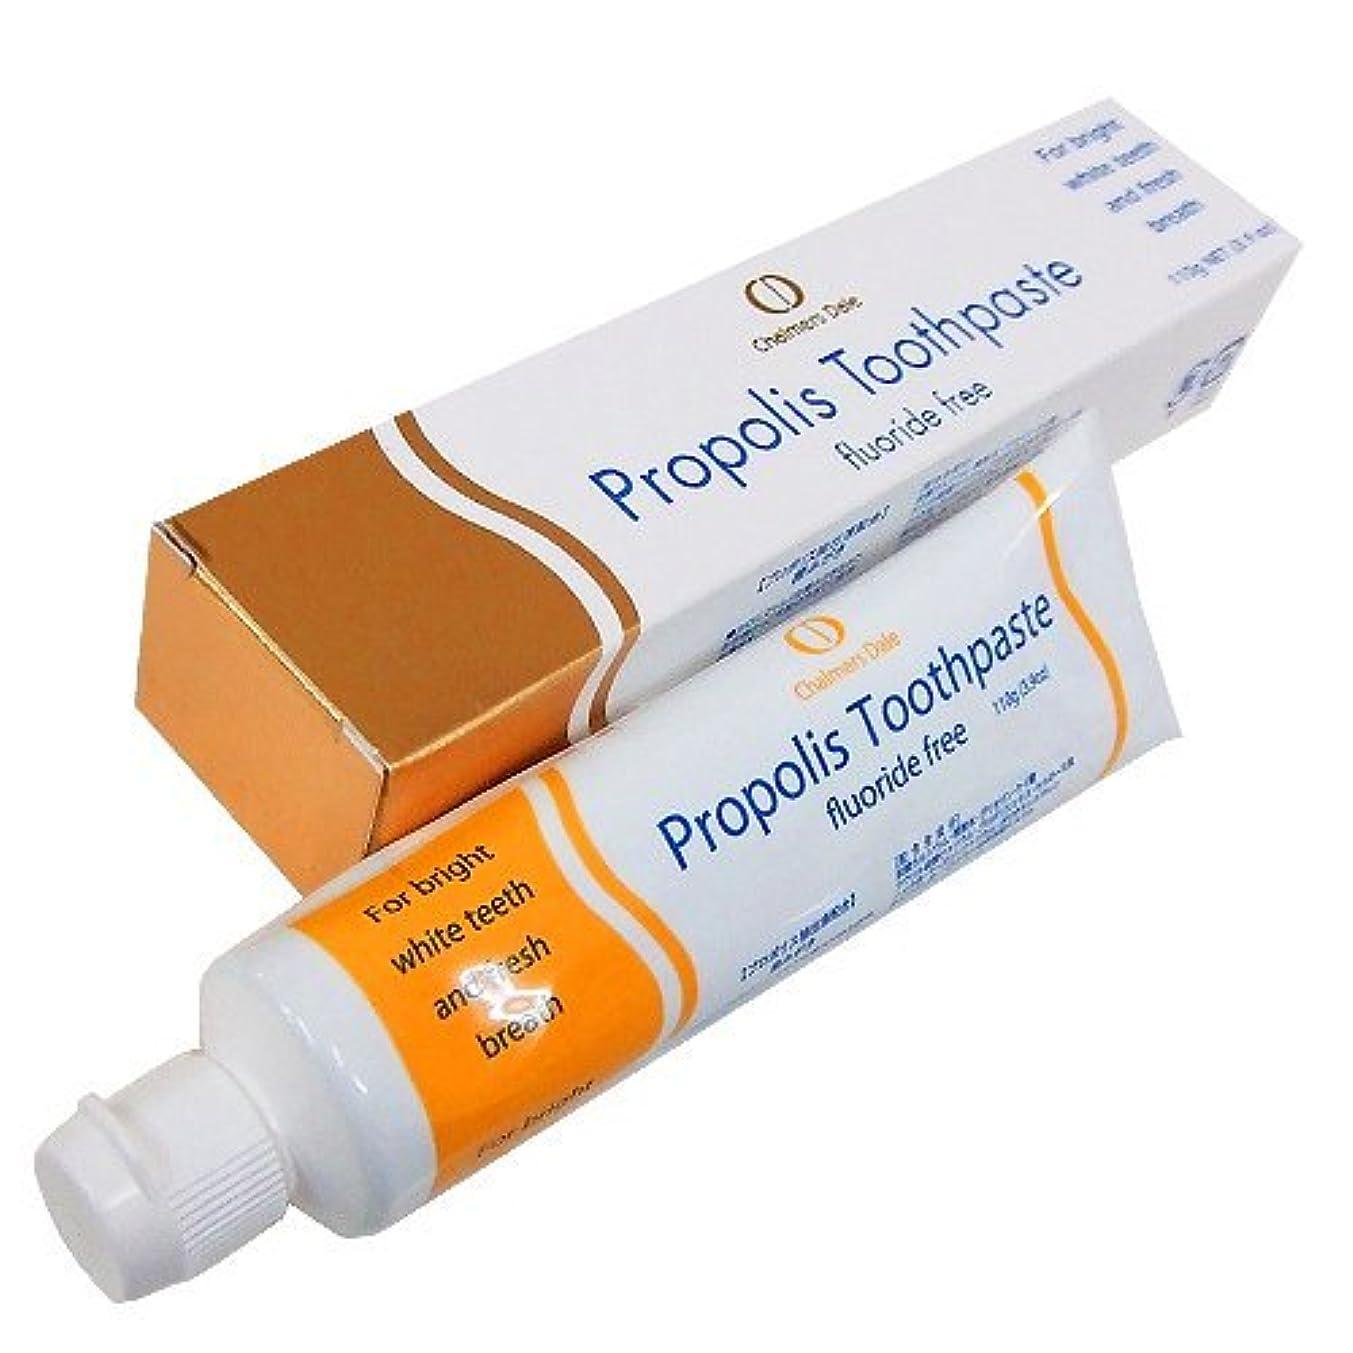 起こりやすいご飯貞プロポリス歯磨き 110g フッ素は配合していません